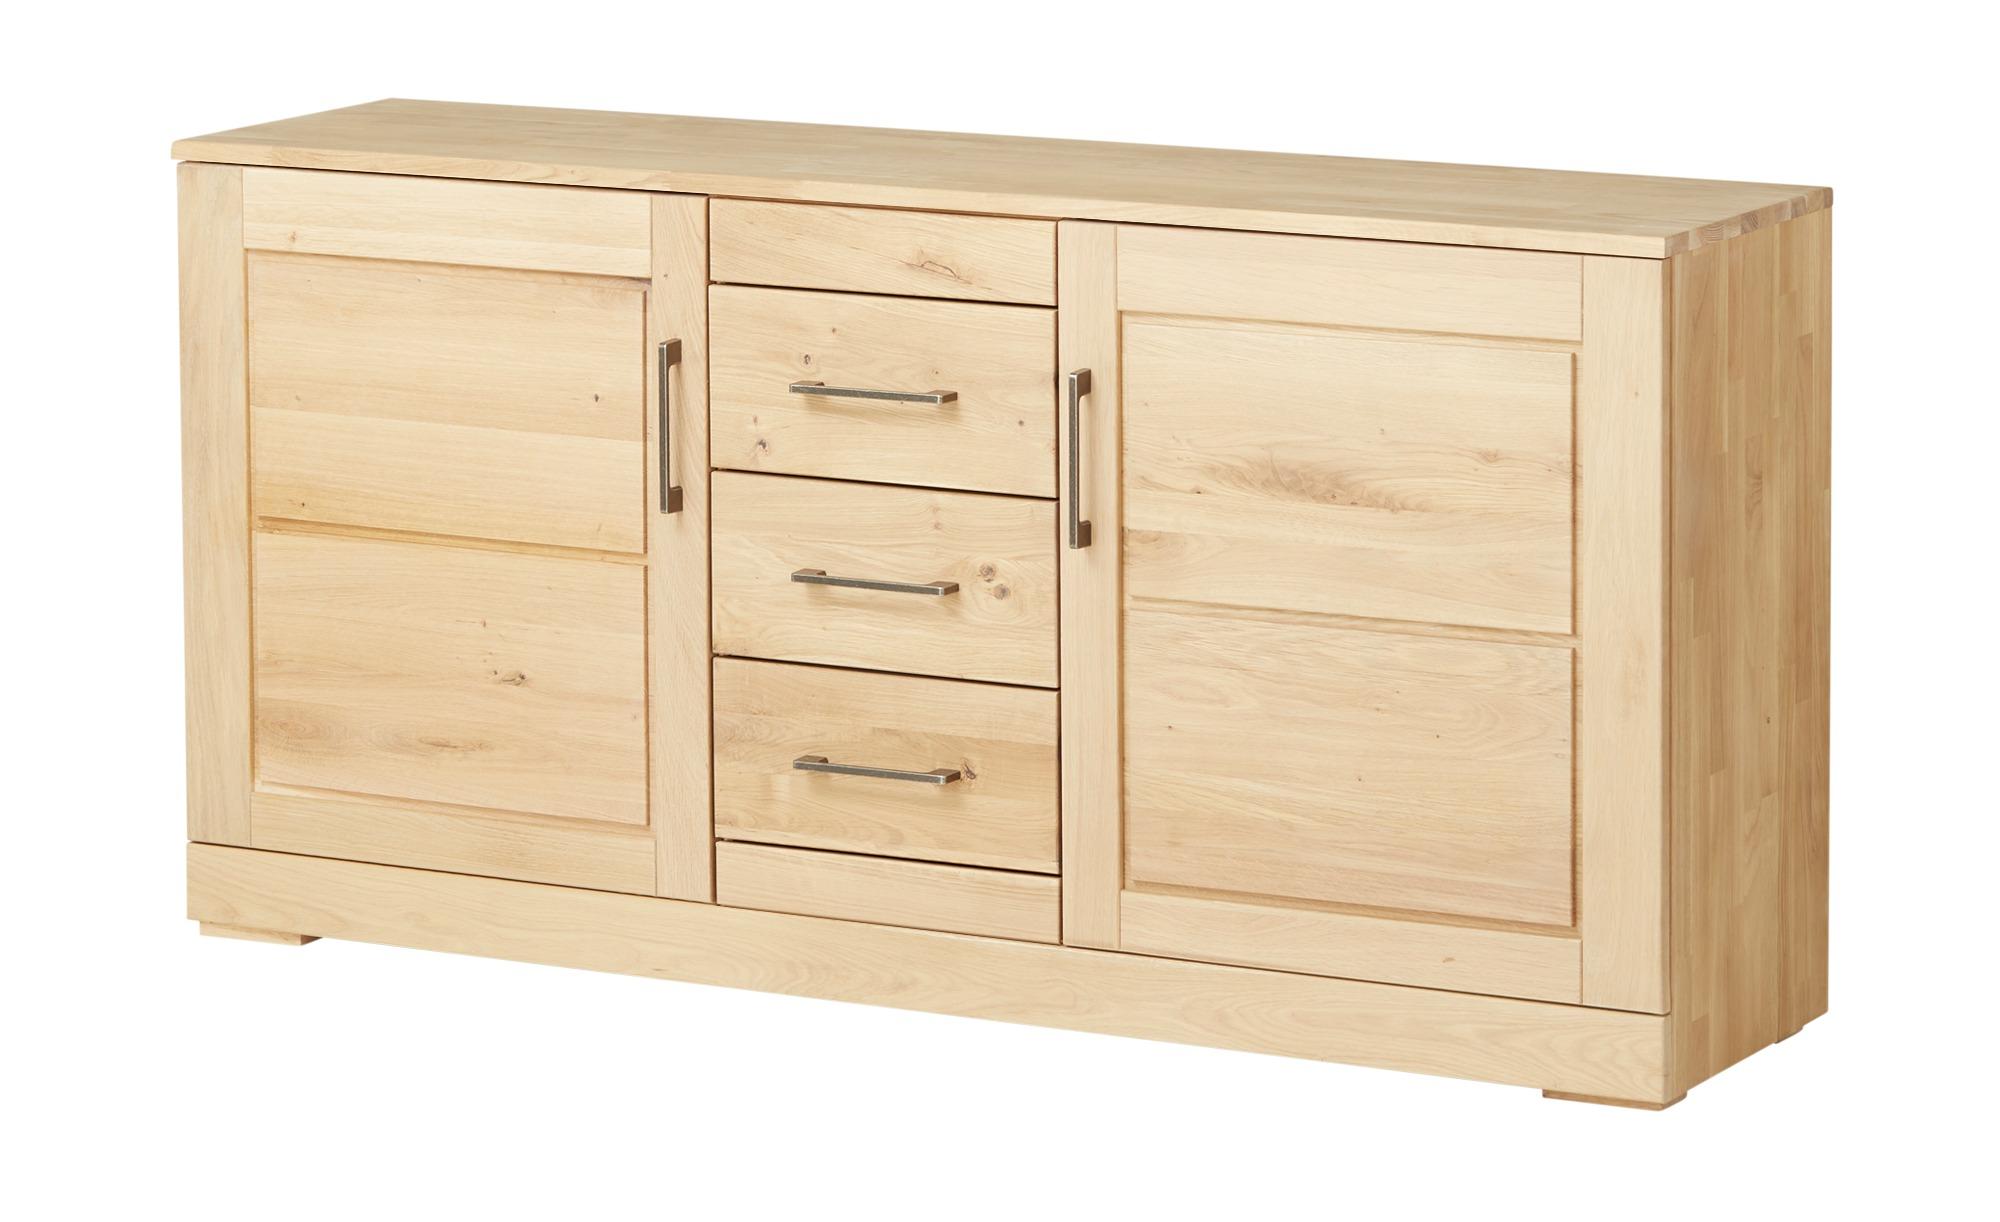 Woodford Sideboard  Melani ¦ holzfarben ¦ Maße (cm): B: 162 H: 81 T: 41 Kommoden & Sideboards > Sideboards - Höffner